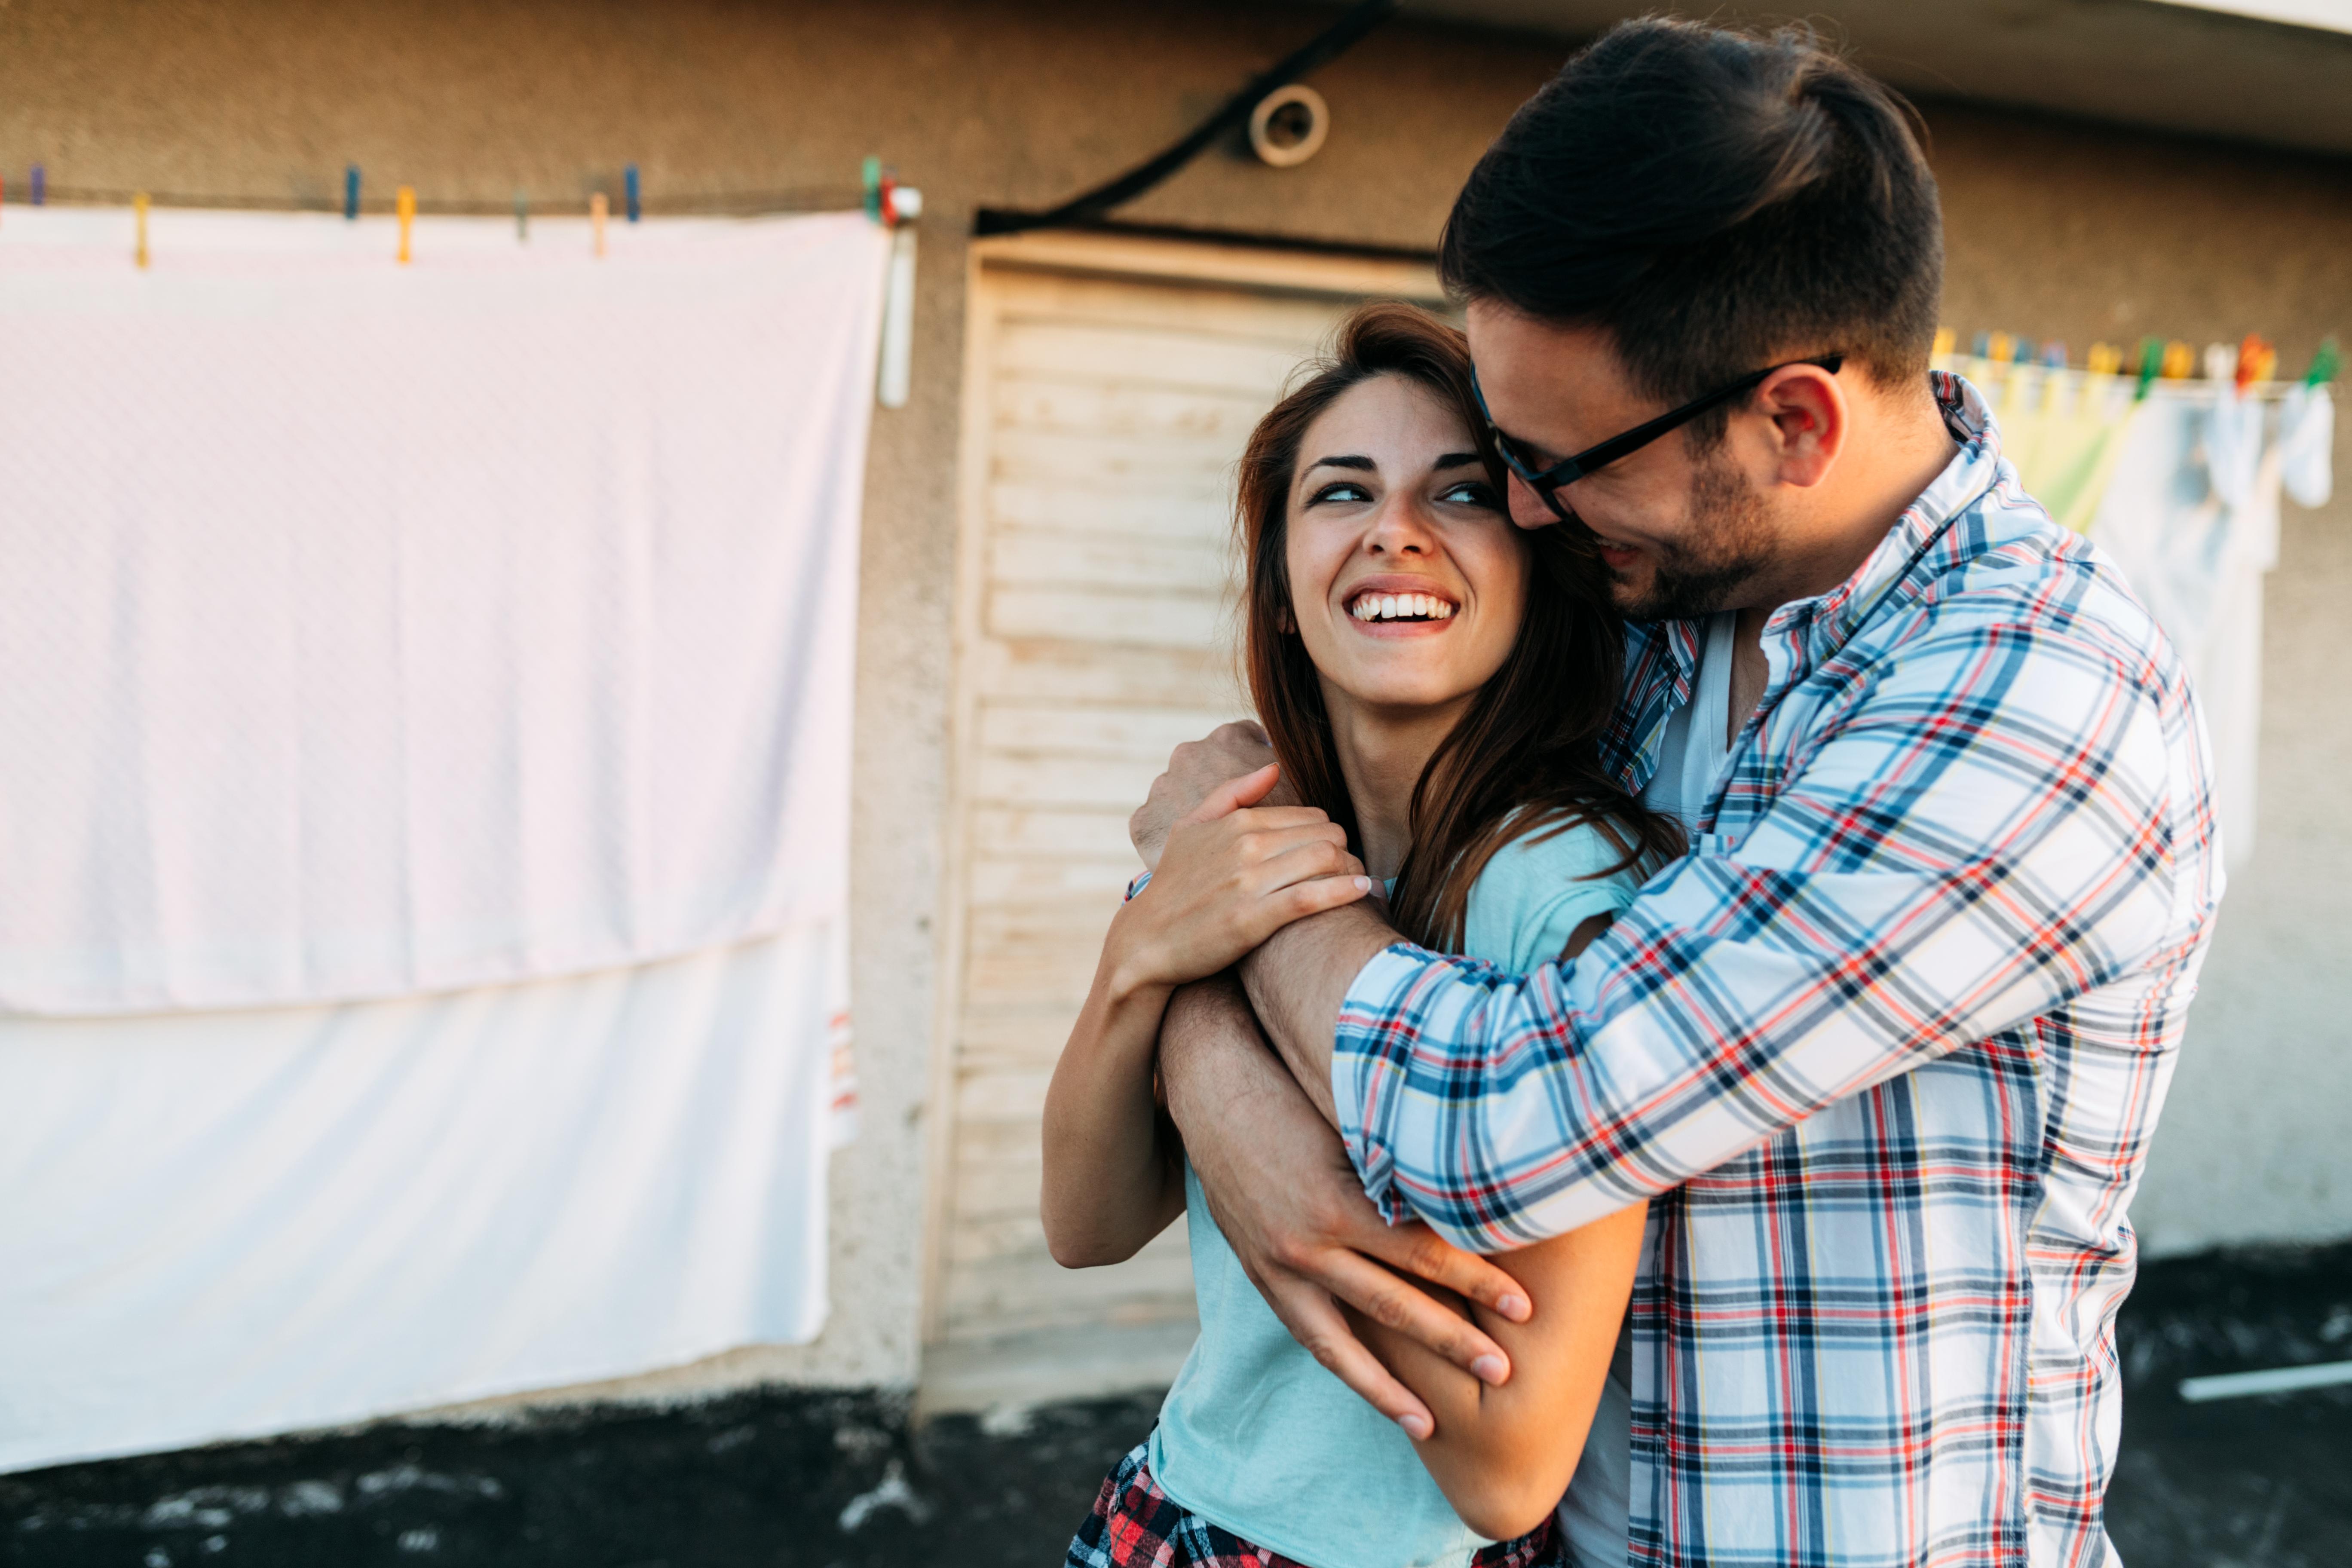 Por que abraçar alguém especial é tão importante